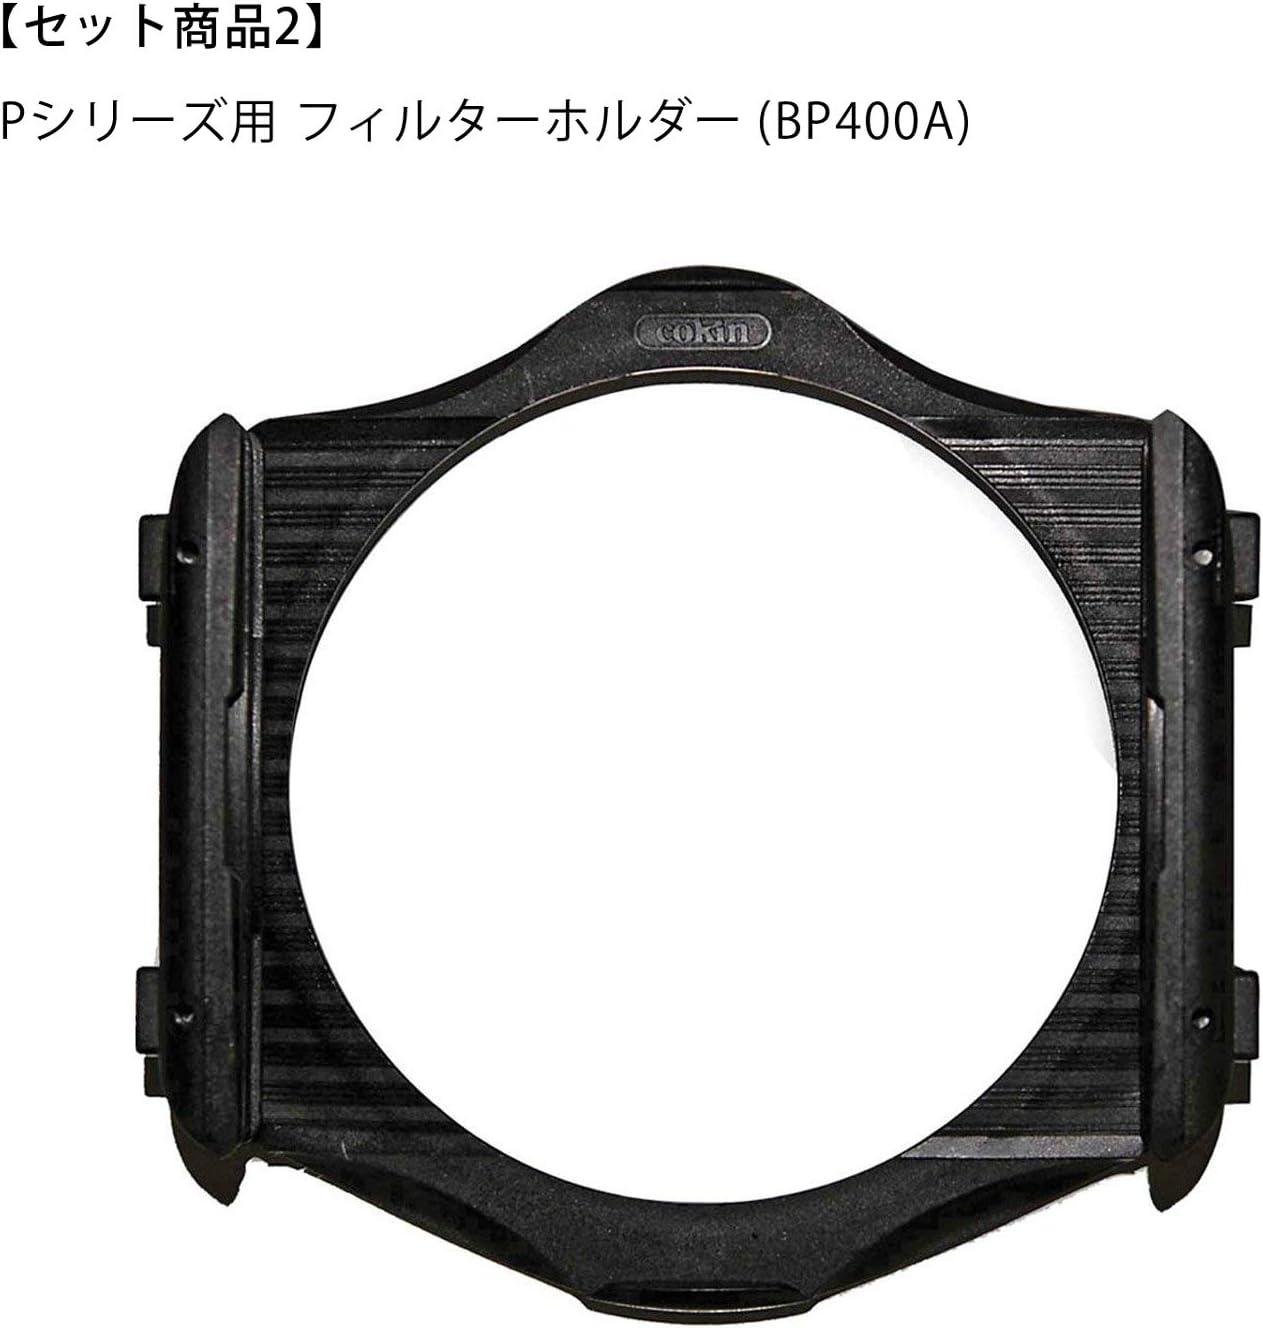 Cokin Kit H250 Ensemble de 3 filtres d/égrad/és Neutre avec Microfibre Gris Neutre /& P477 Bague dadaptation dobjectif 77 mm Import Royaume Uni Import Royaume Uni